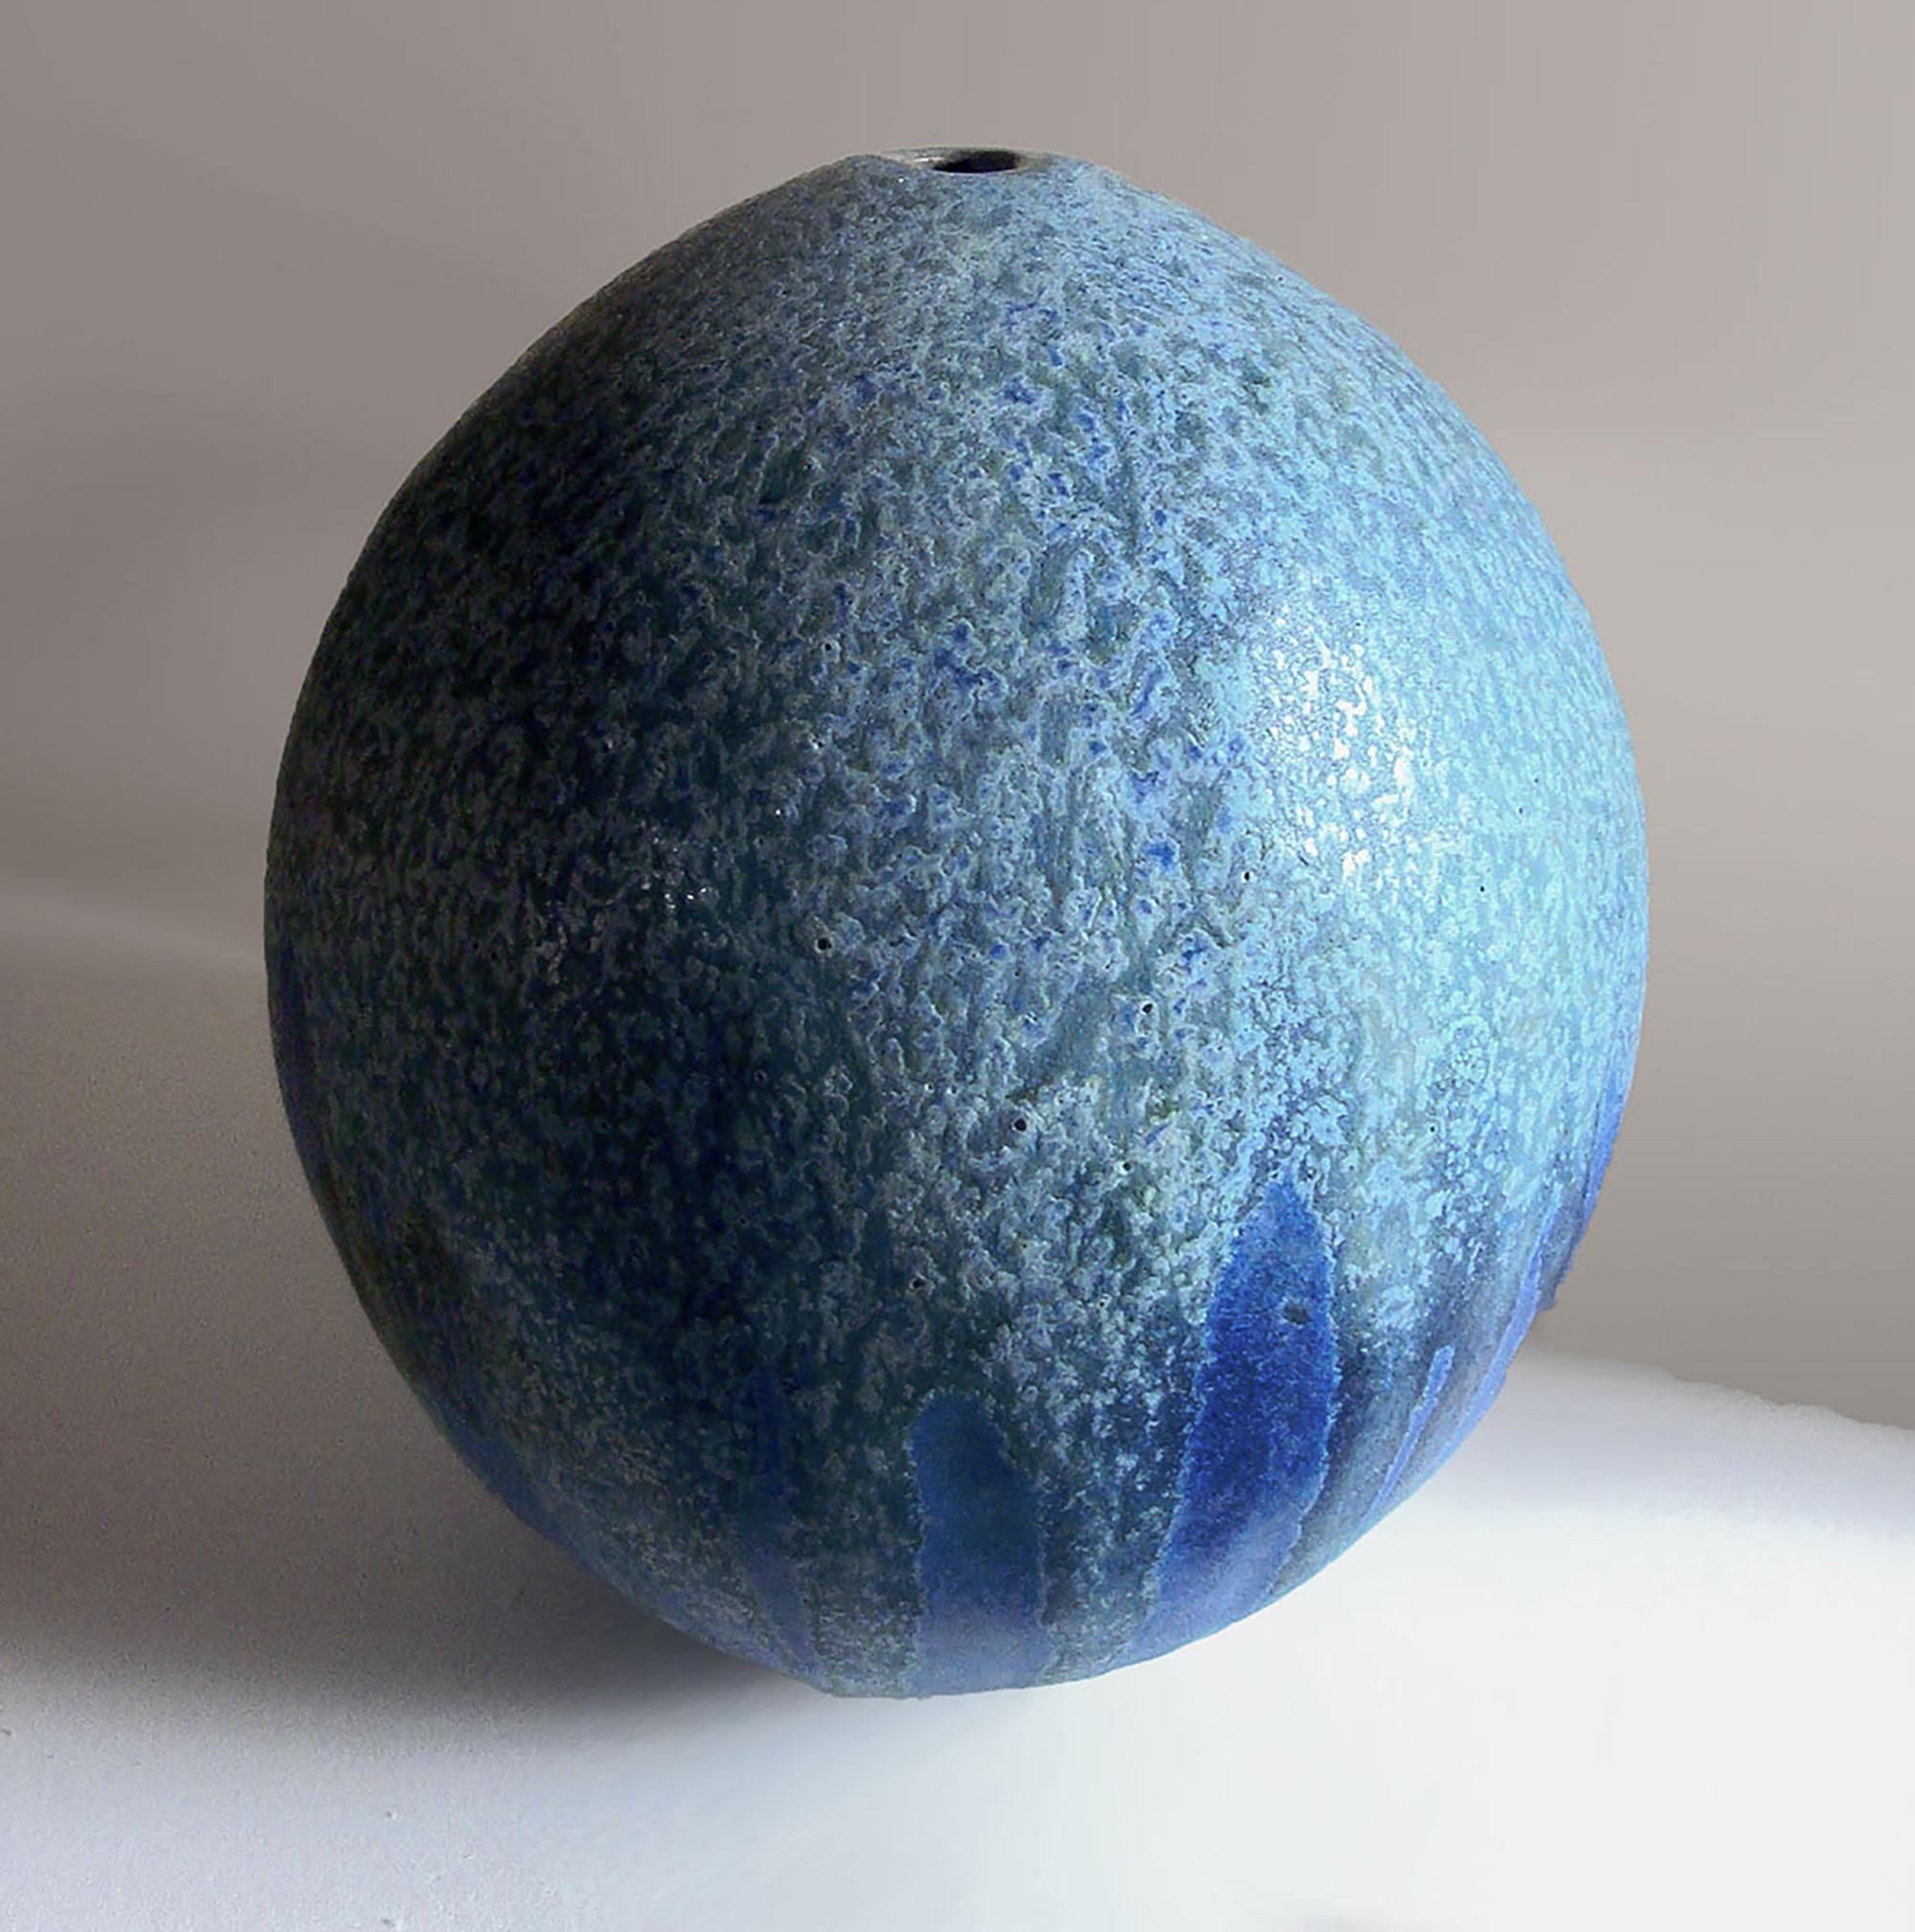 Melon Vase in Blueberry Glaze